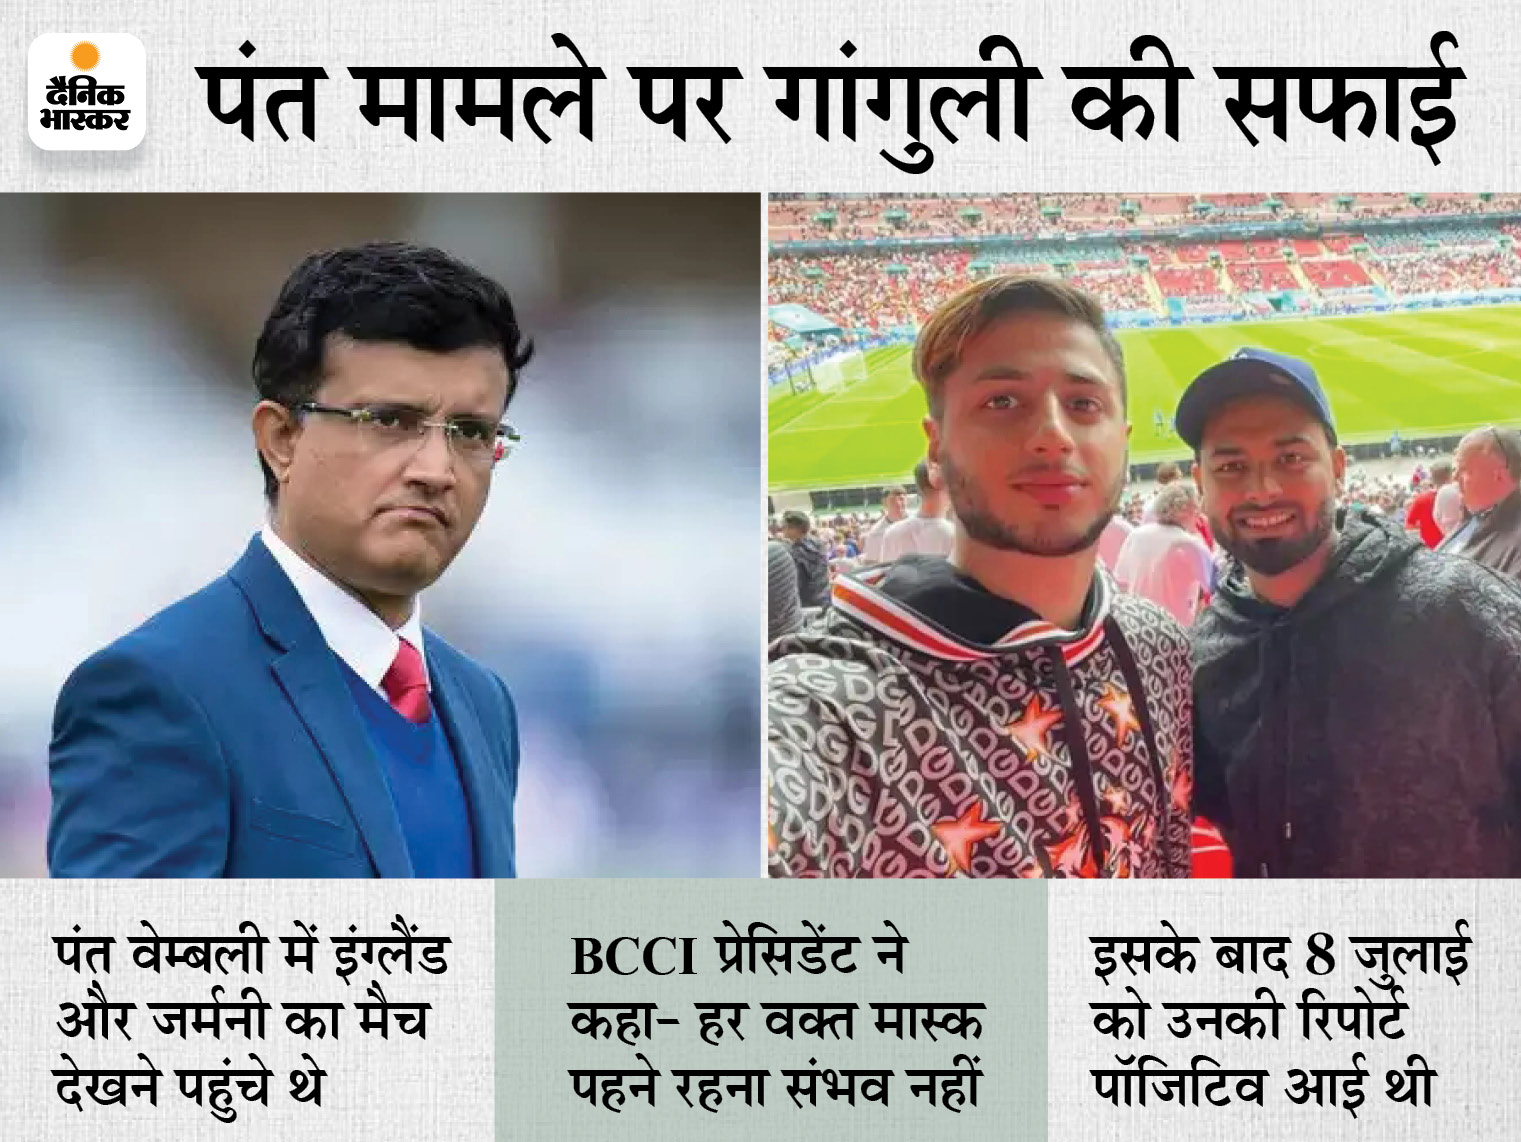 पंत की लगातार दूसरी कोरोना टेस्ट रिपोर्ट निगेटिव, 7 दिन लंदन में ही रहेंगे; साहा, ईश्वरन और बॉलिंग कोच को भी राहत|क्रिकेट,Cricket - Dainik Bhaskar